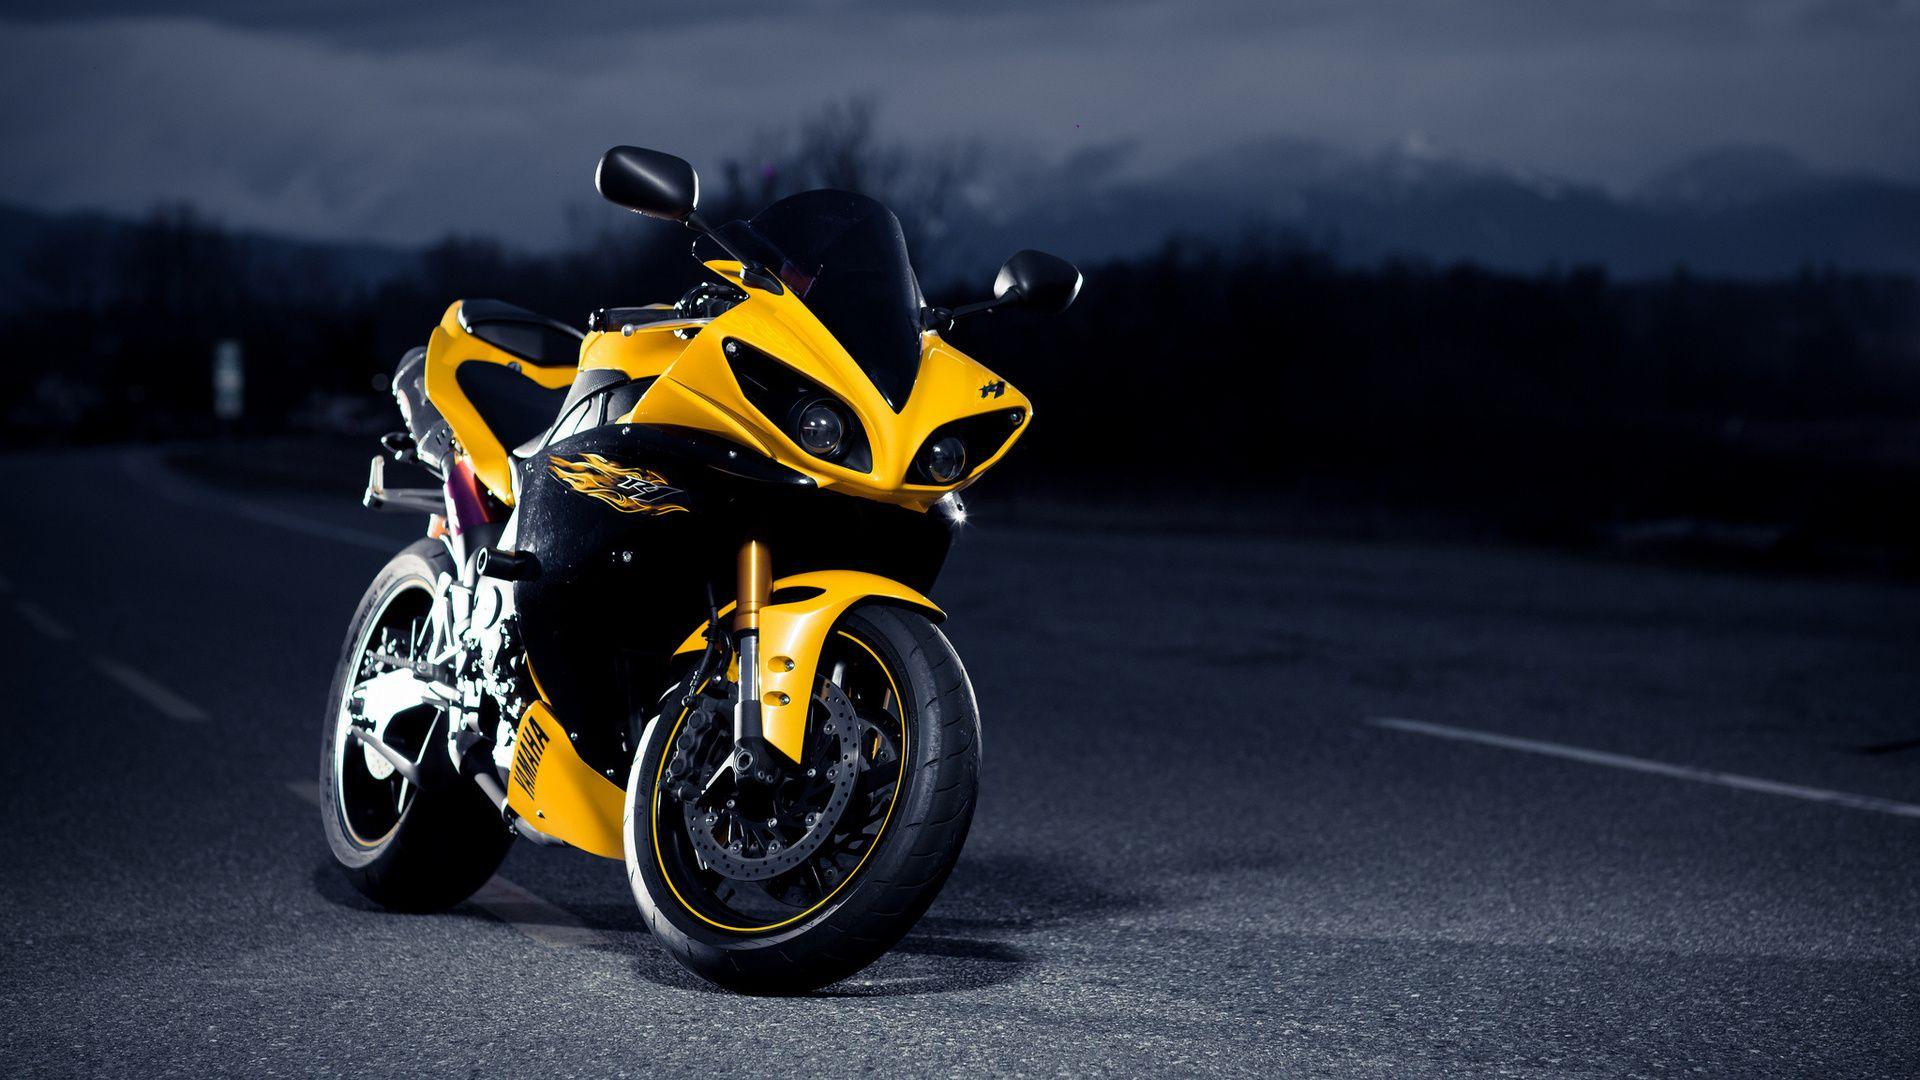 1920x1080 Superbike Black Night Yellow Yamaha